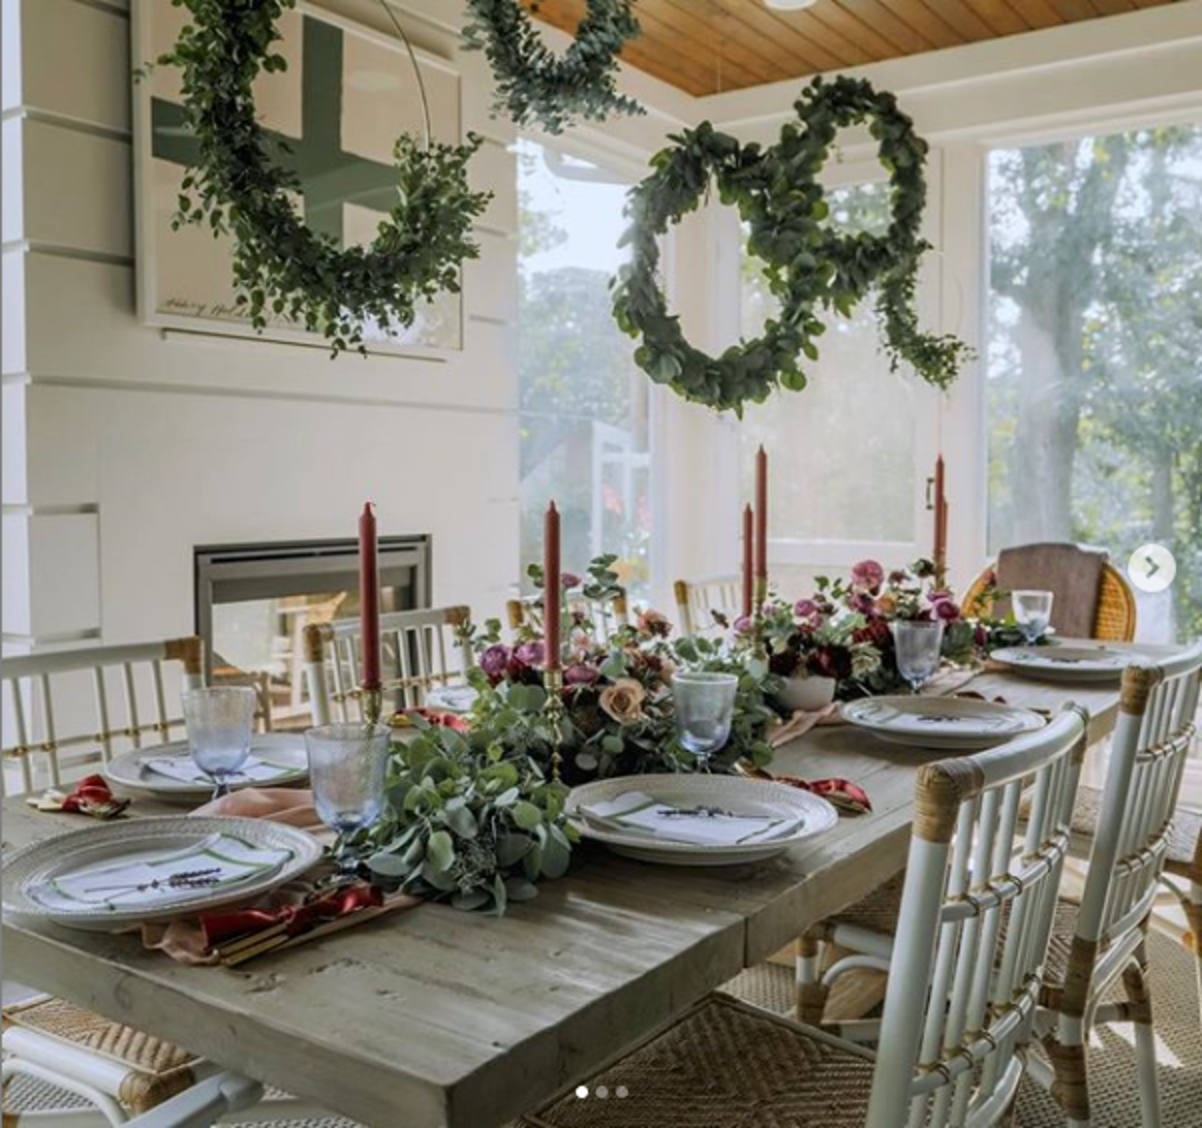 Juliska holiday rustic styled dinning room